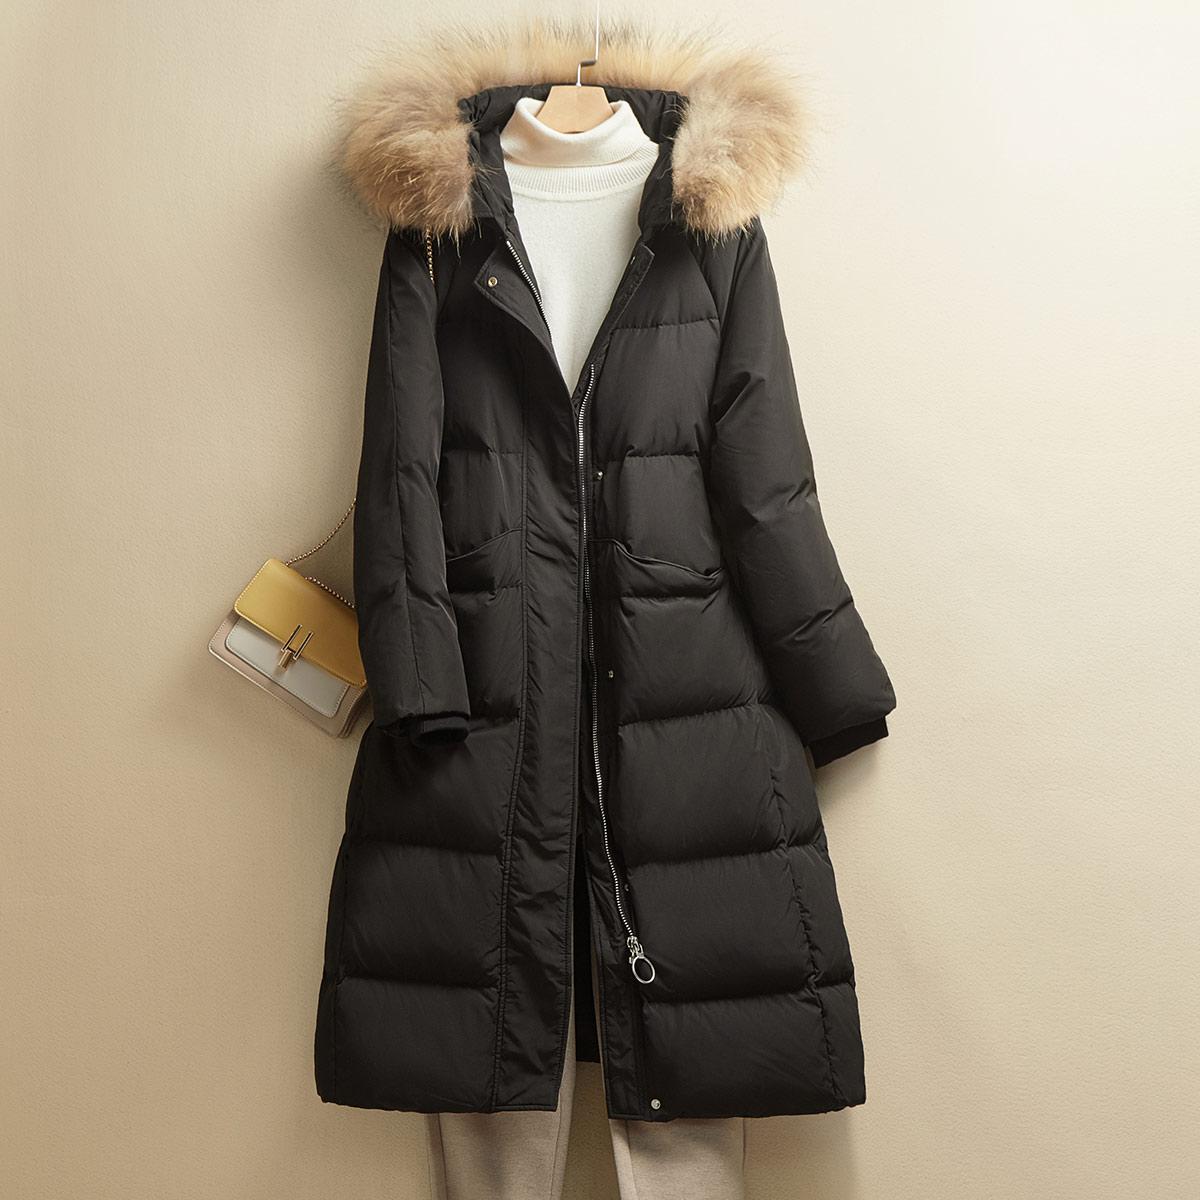 90%白鸭绒秋冬新品中长款保暖气质休闲真毛领女士羽绒服女